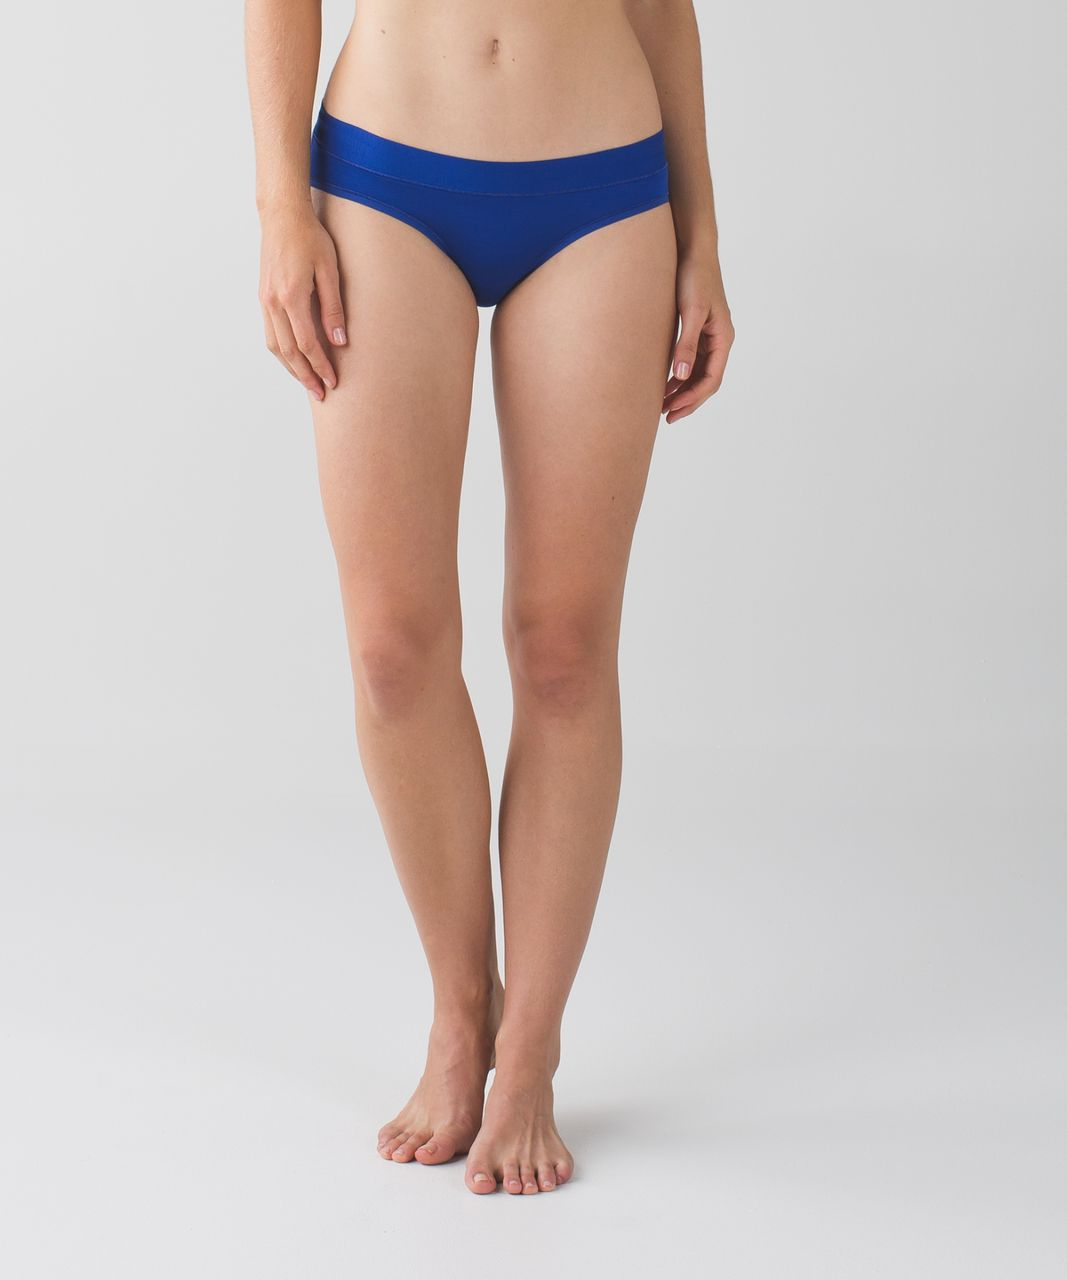 Lululemon Mula Bandhawear Bikini - Sapphire Blue